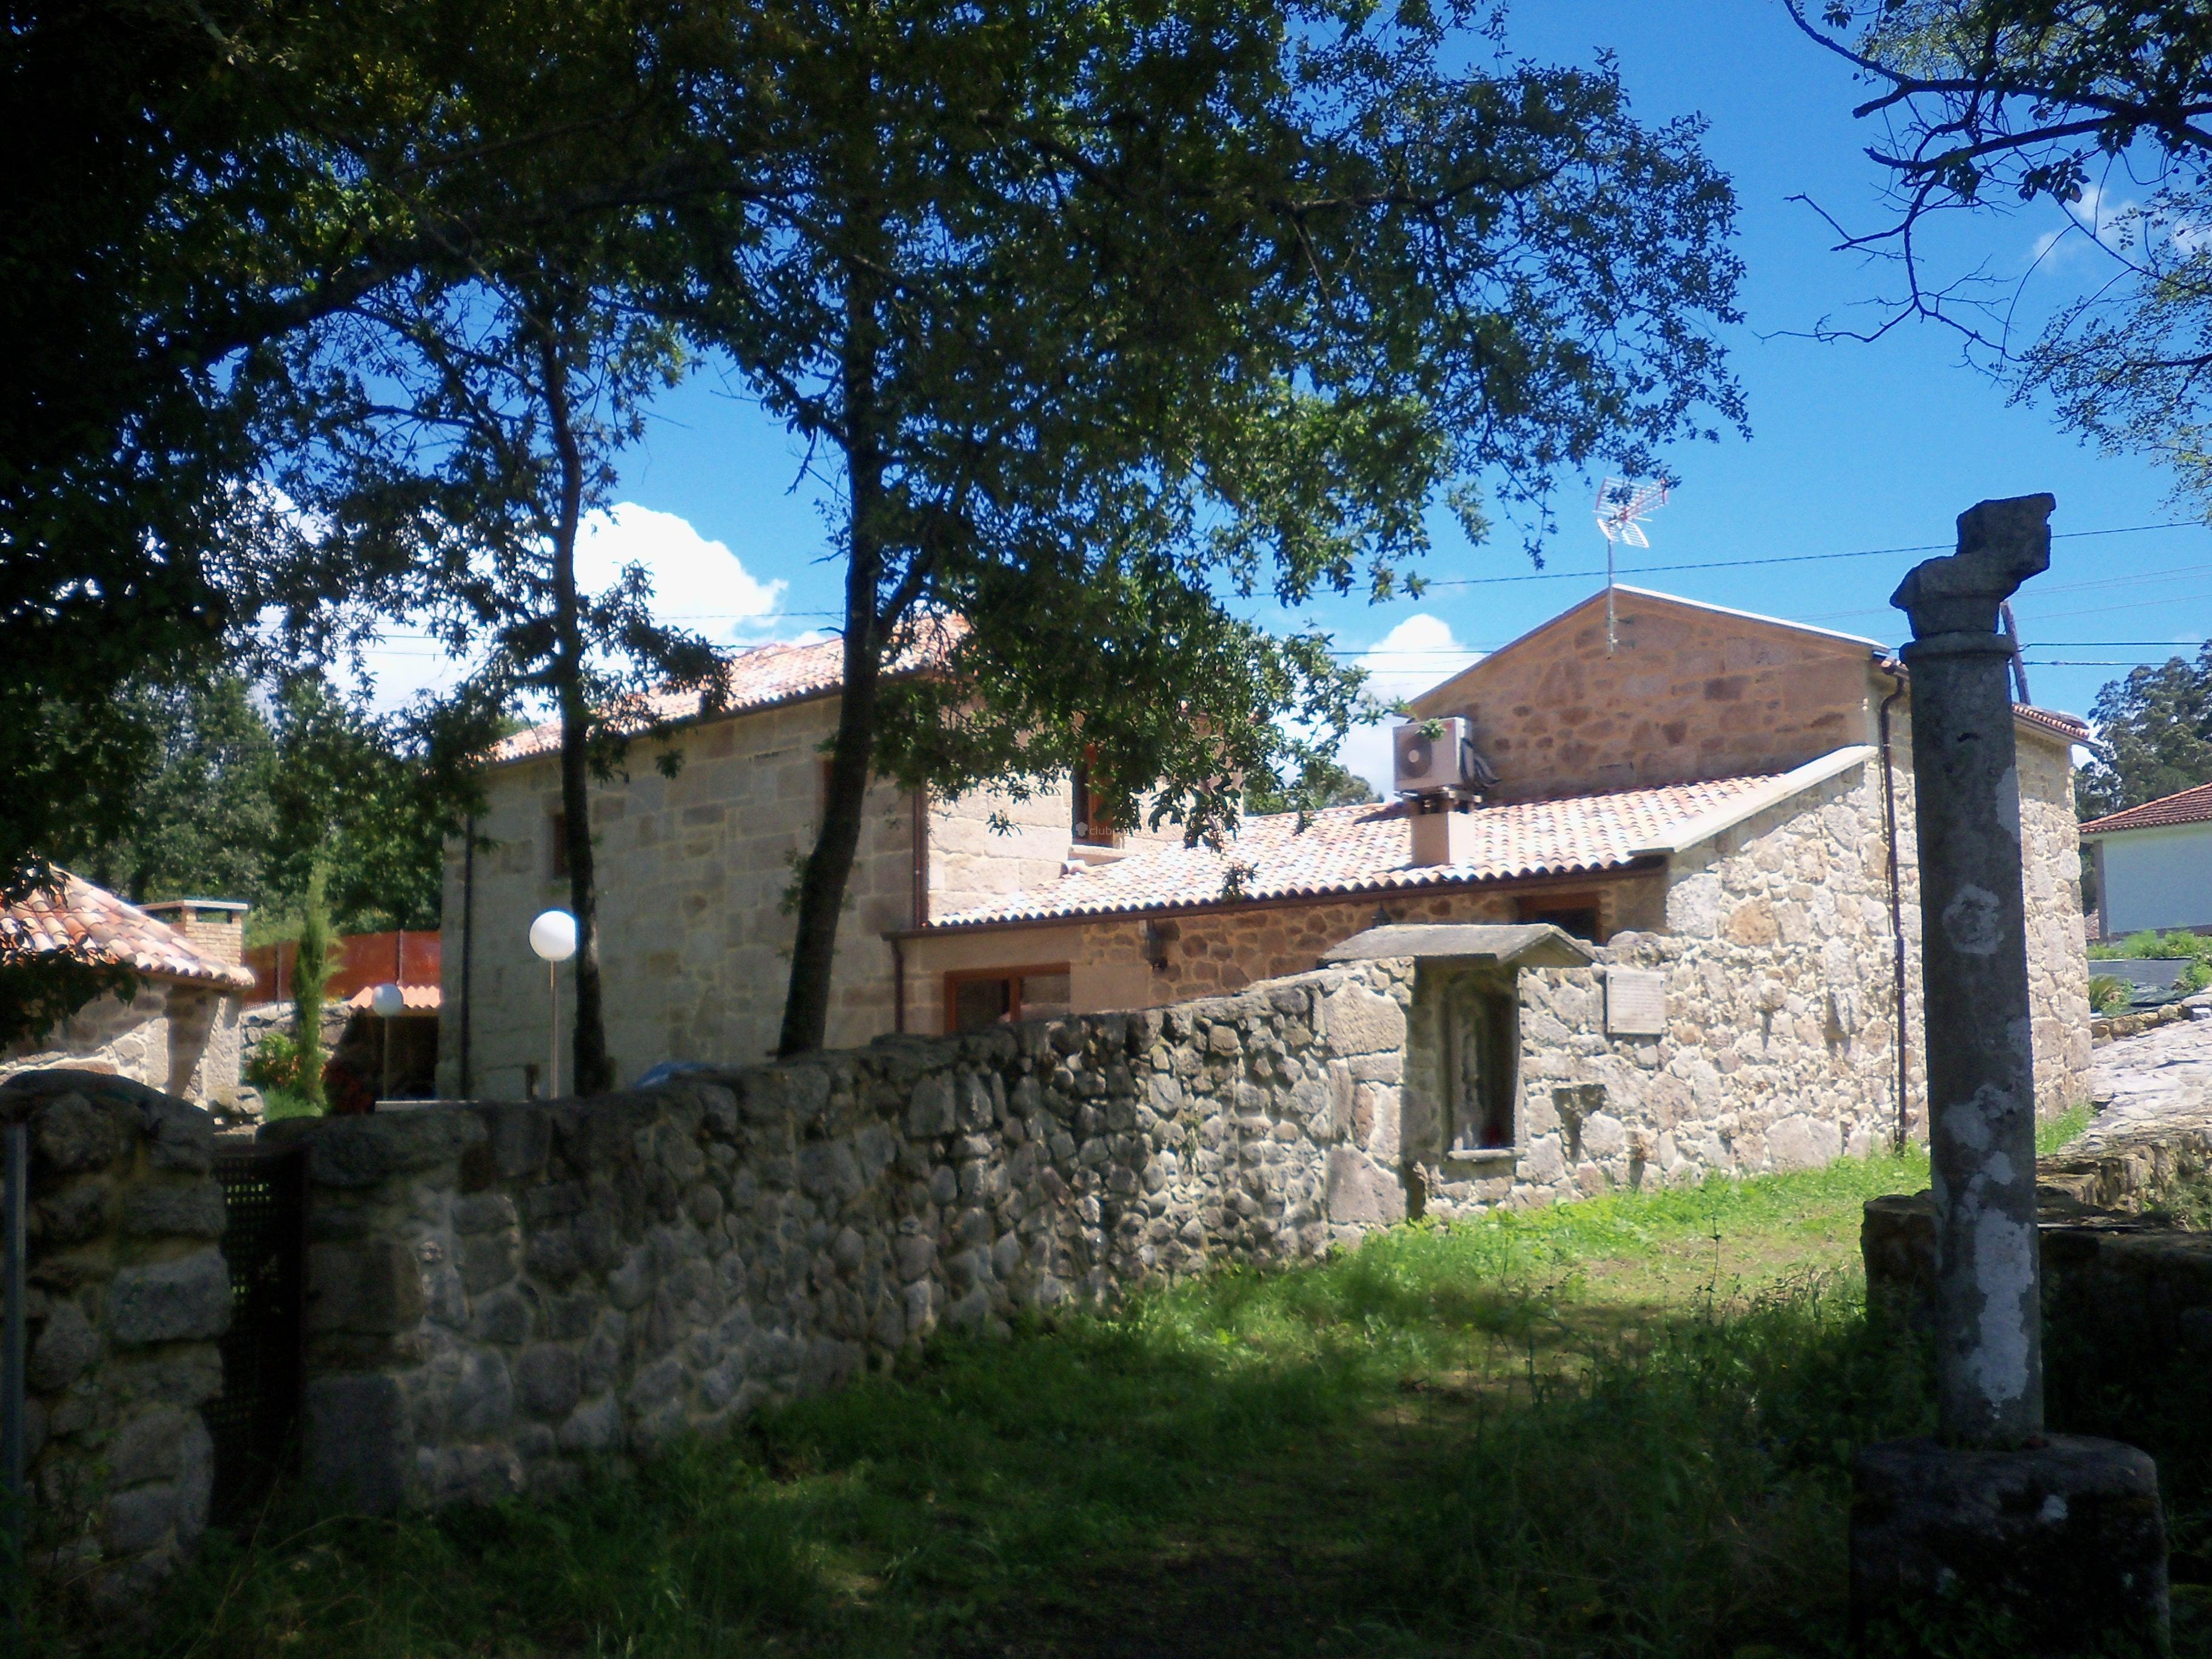 Fotos de a capela da granxa pontevedra pontevedra clubrural - Casas rurales galicia ofertas ...